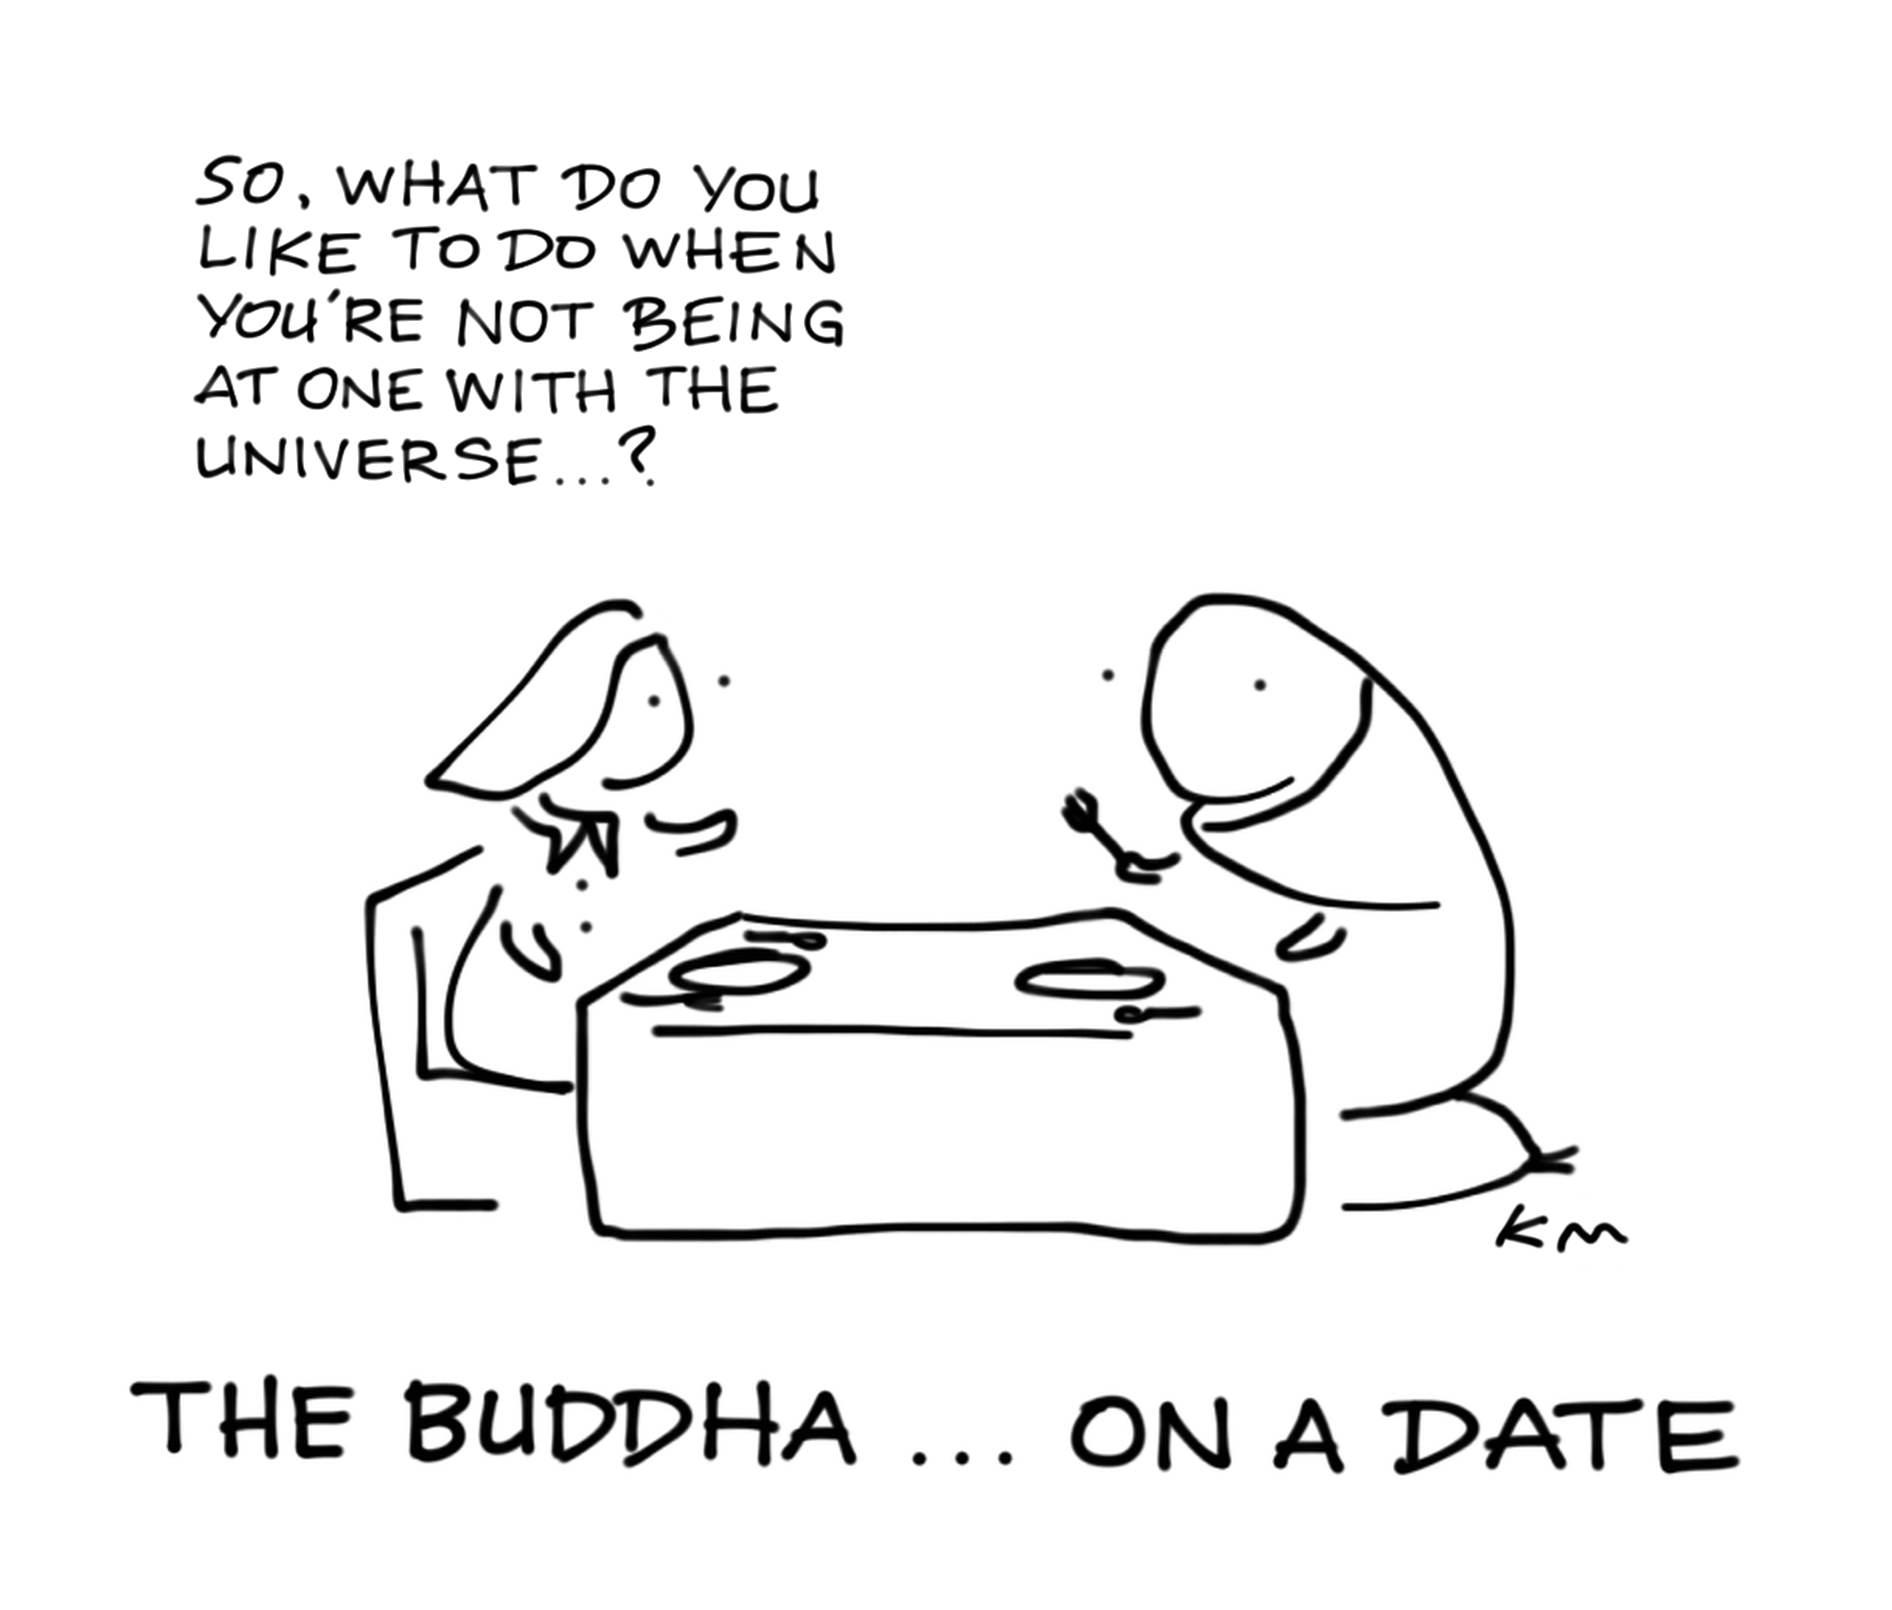 BUDDHA ON A DATE